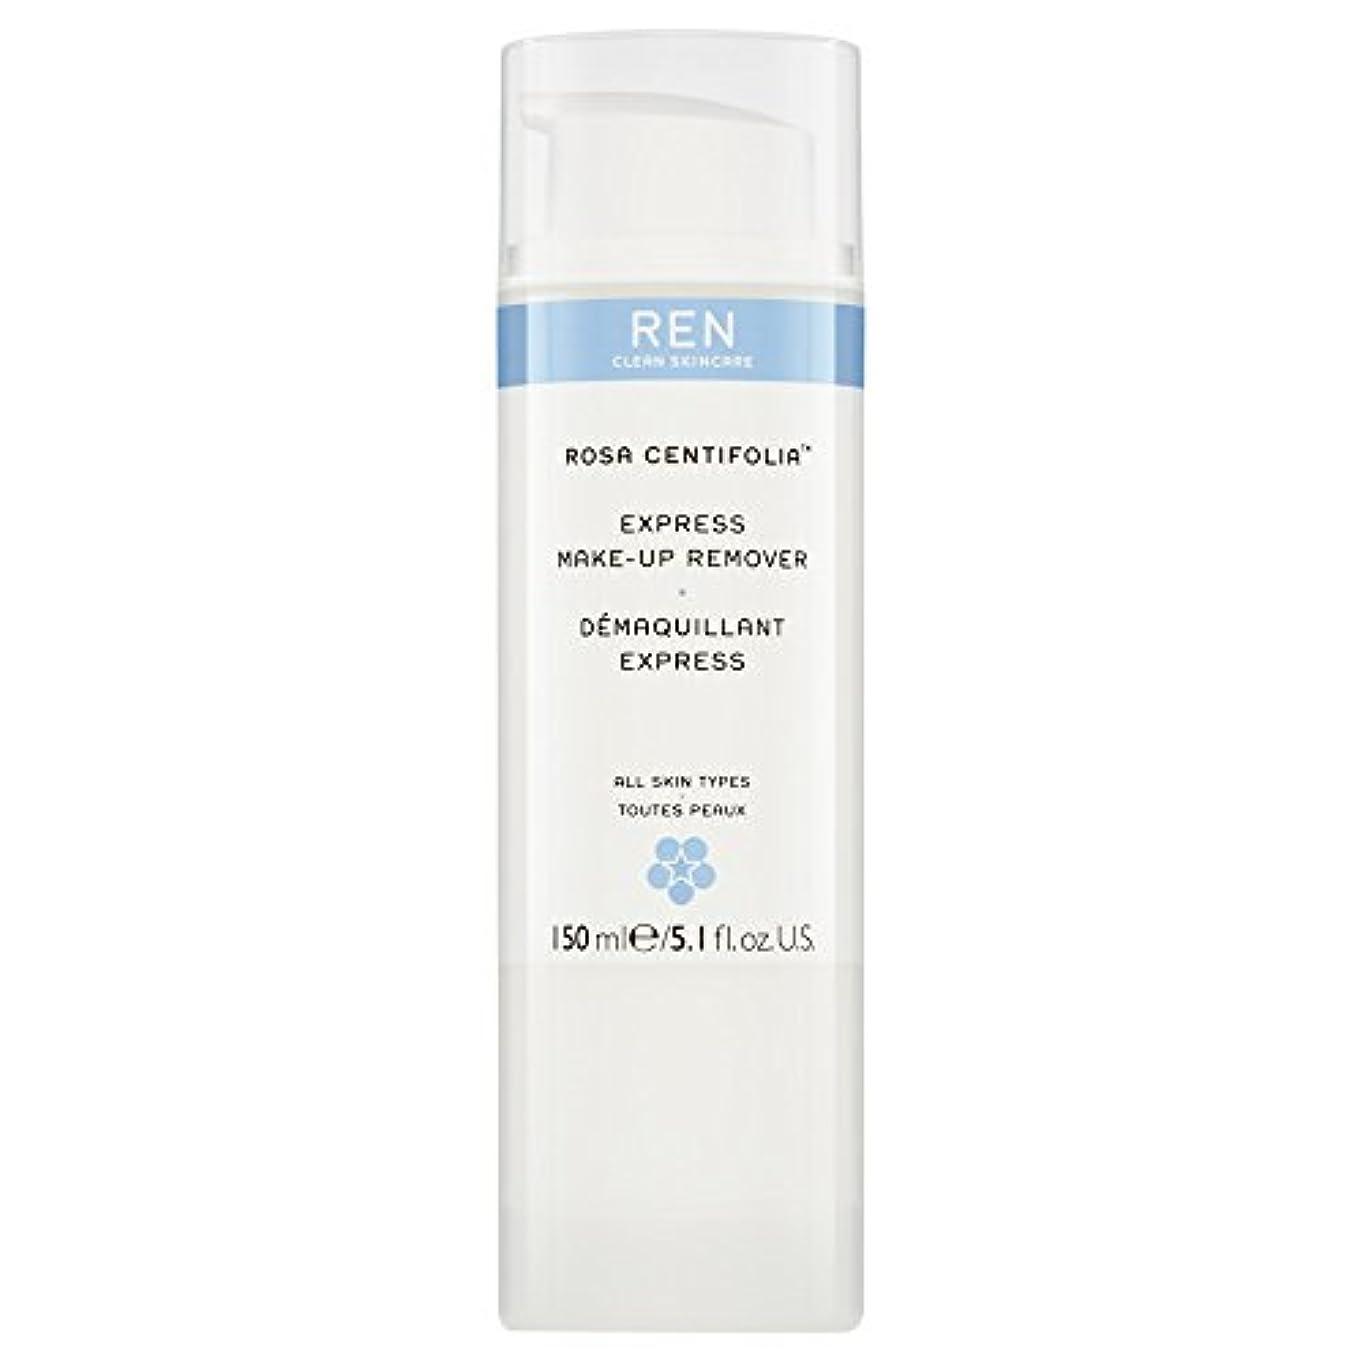 富モジュール見る人Renローザセンチフォリアバラメイクアップリムーバー150ミリリットル (REN) (x2) - REN Rosa Centifolia Makeup Remover 150ml (Pack of 2) [並行輸入品]